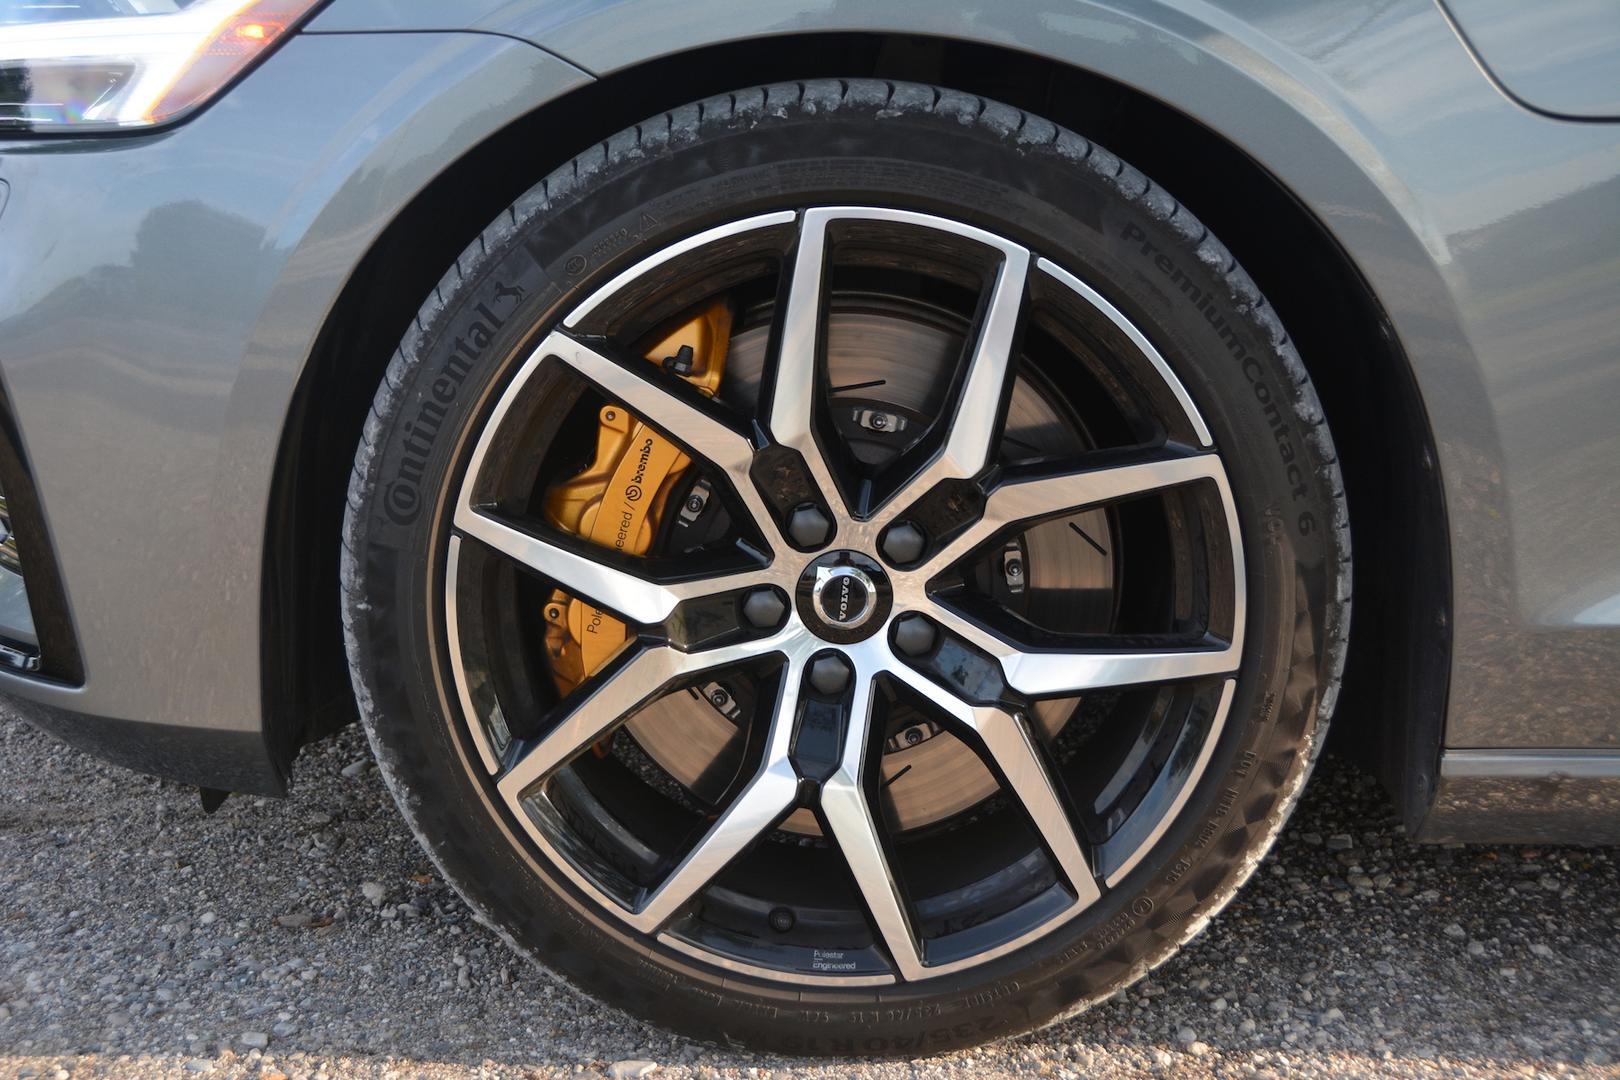 Volvo V60 Wheels